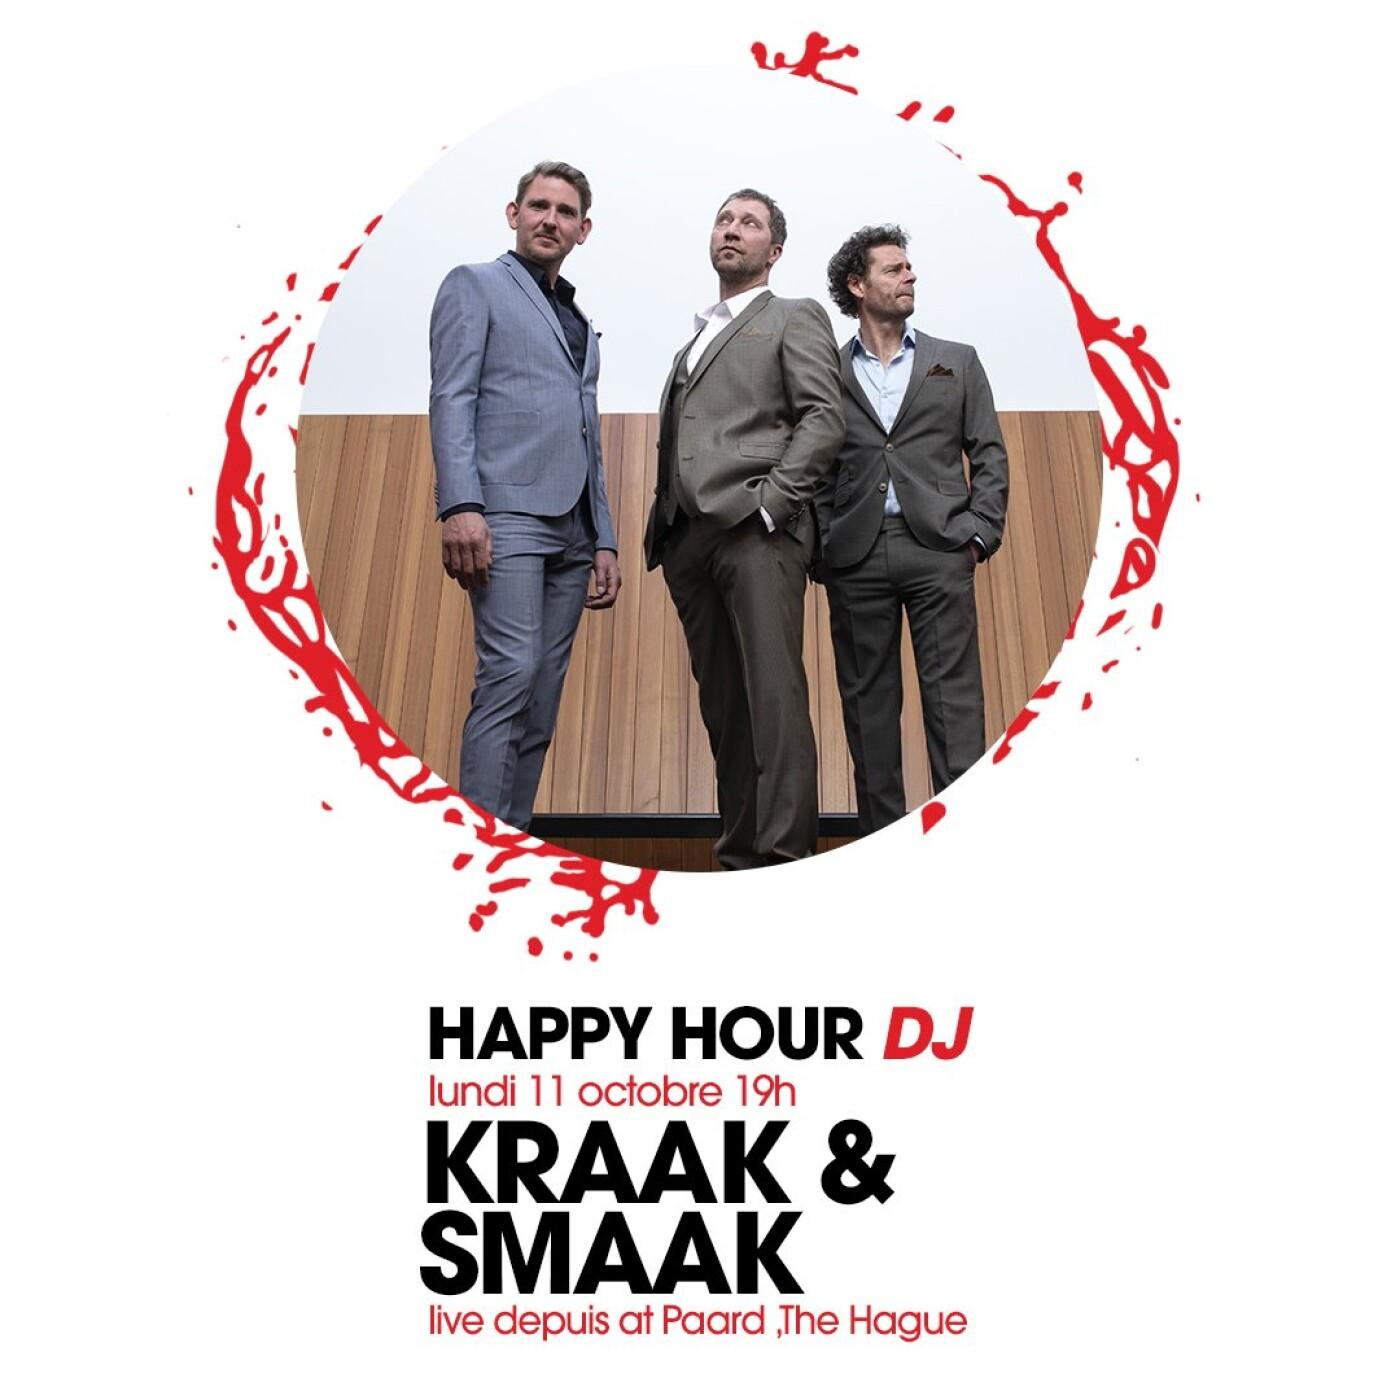 HAPPY HOUR DJ : KRAAK & SMAAK